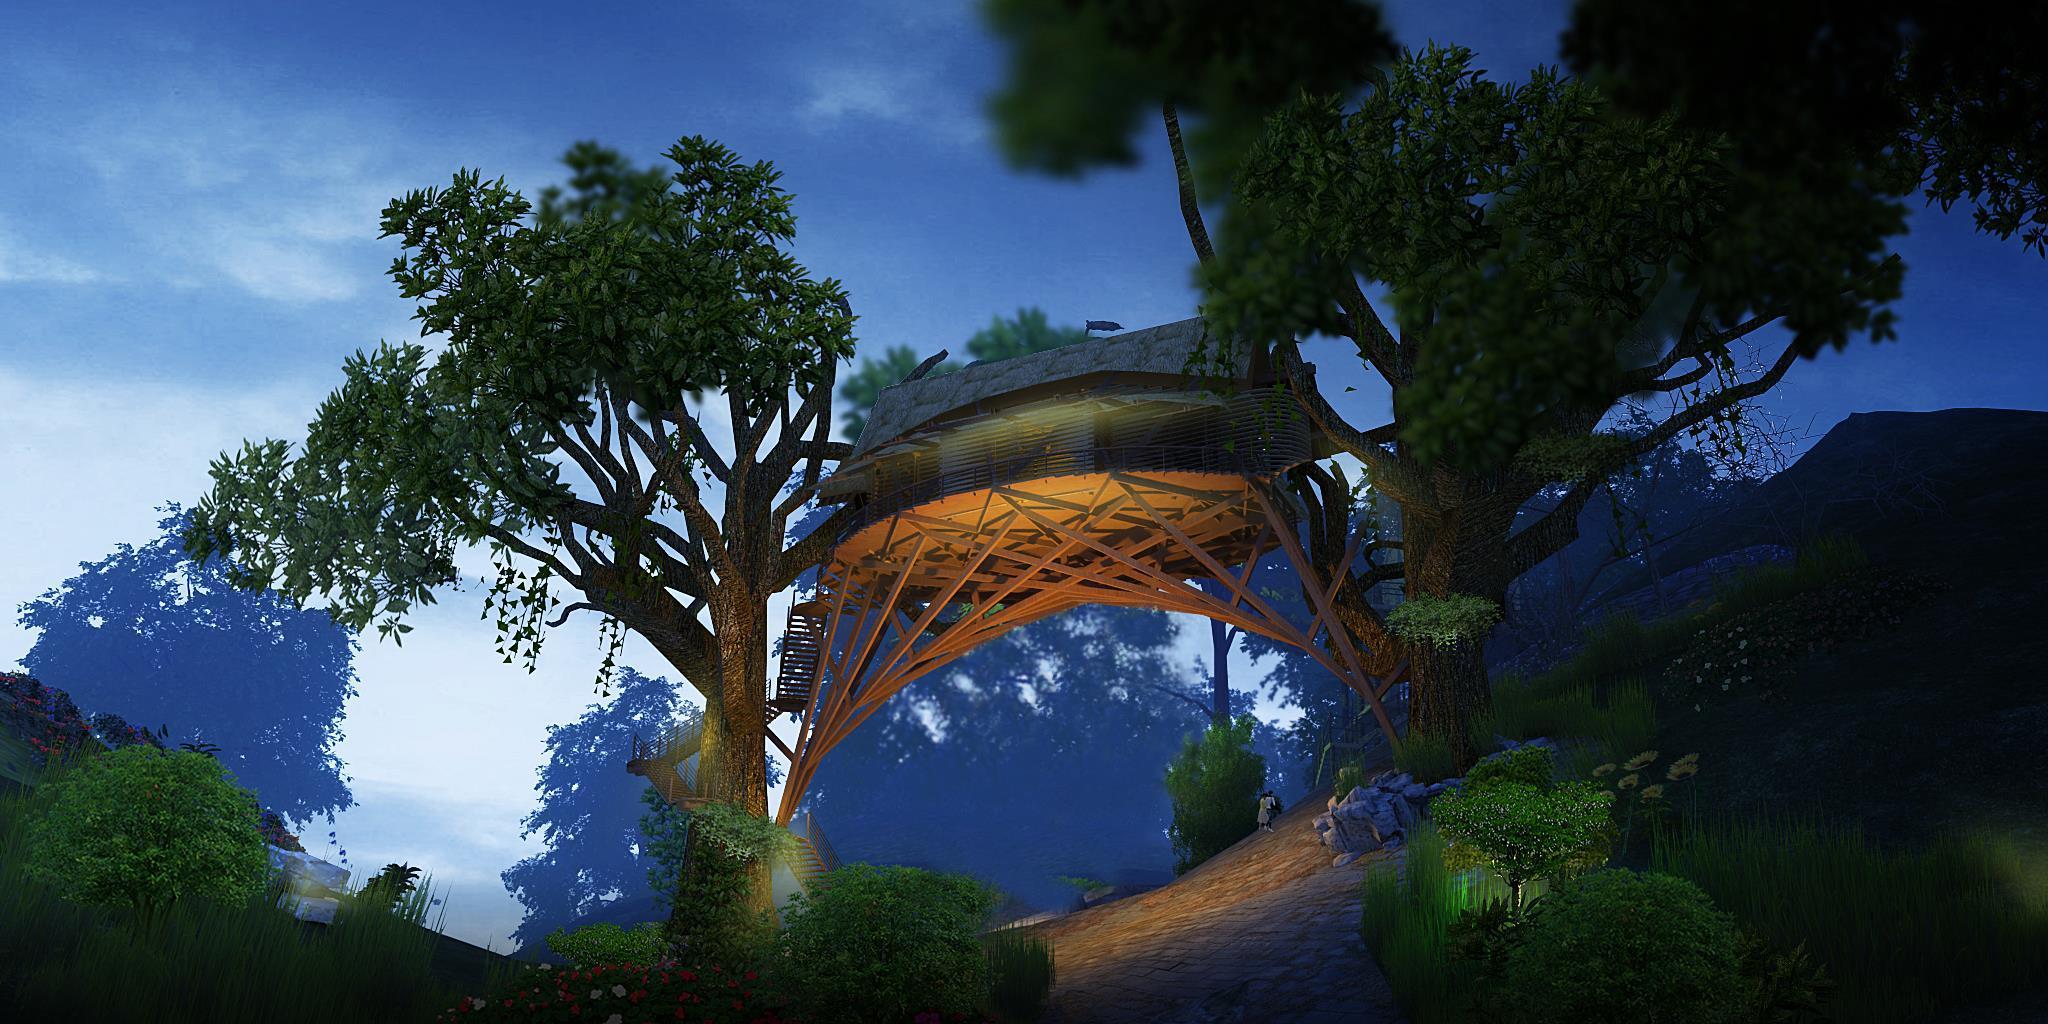 热带雨林中的科罗威部落,男女老少都爱爬树,全住在几十米高树上_淘网赚